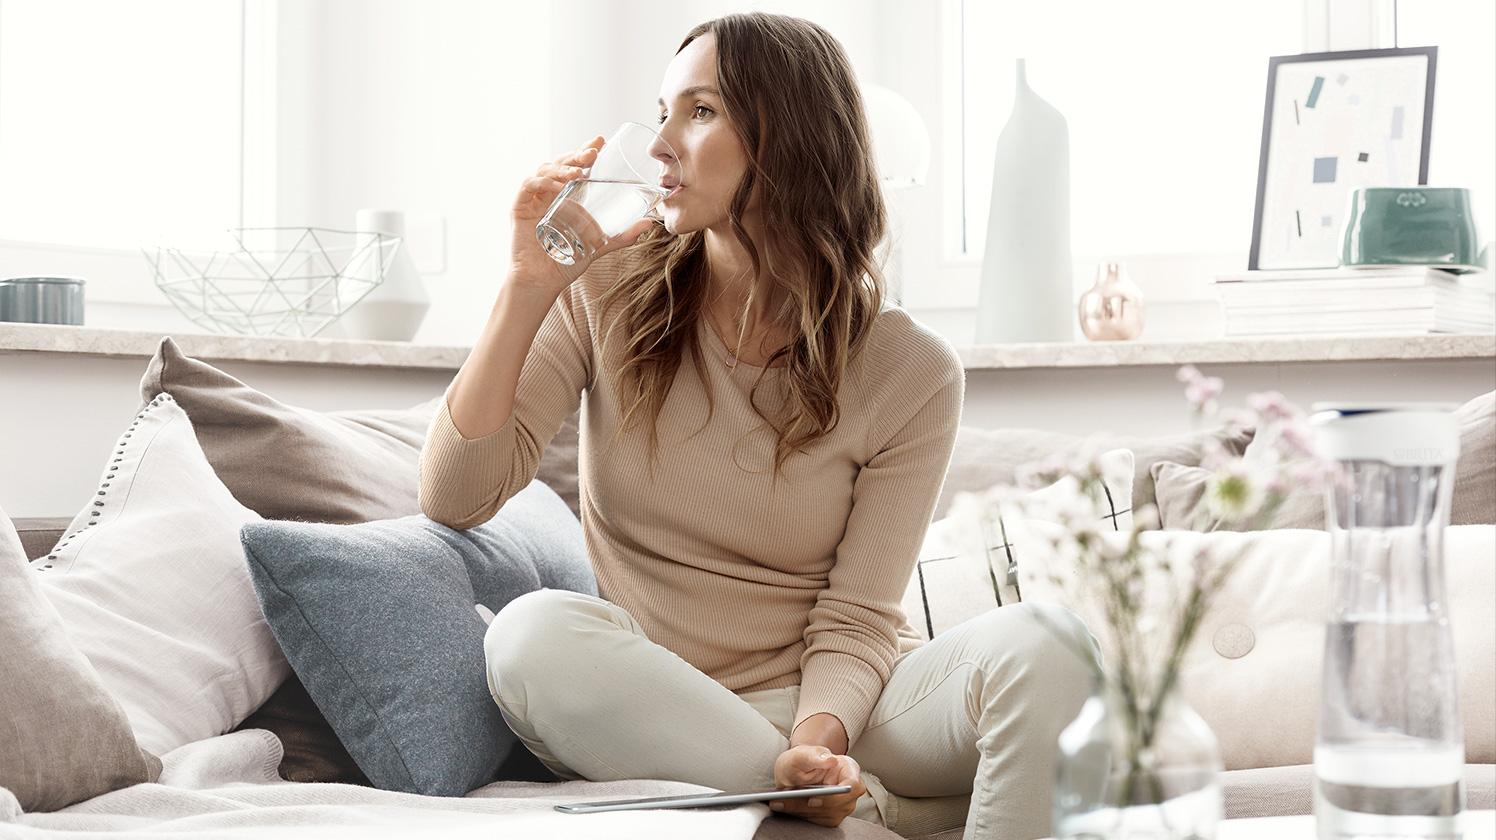 BRITA fabbisogno idrico donna beve acqua divano